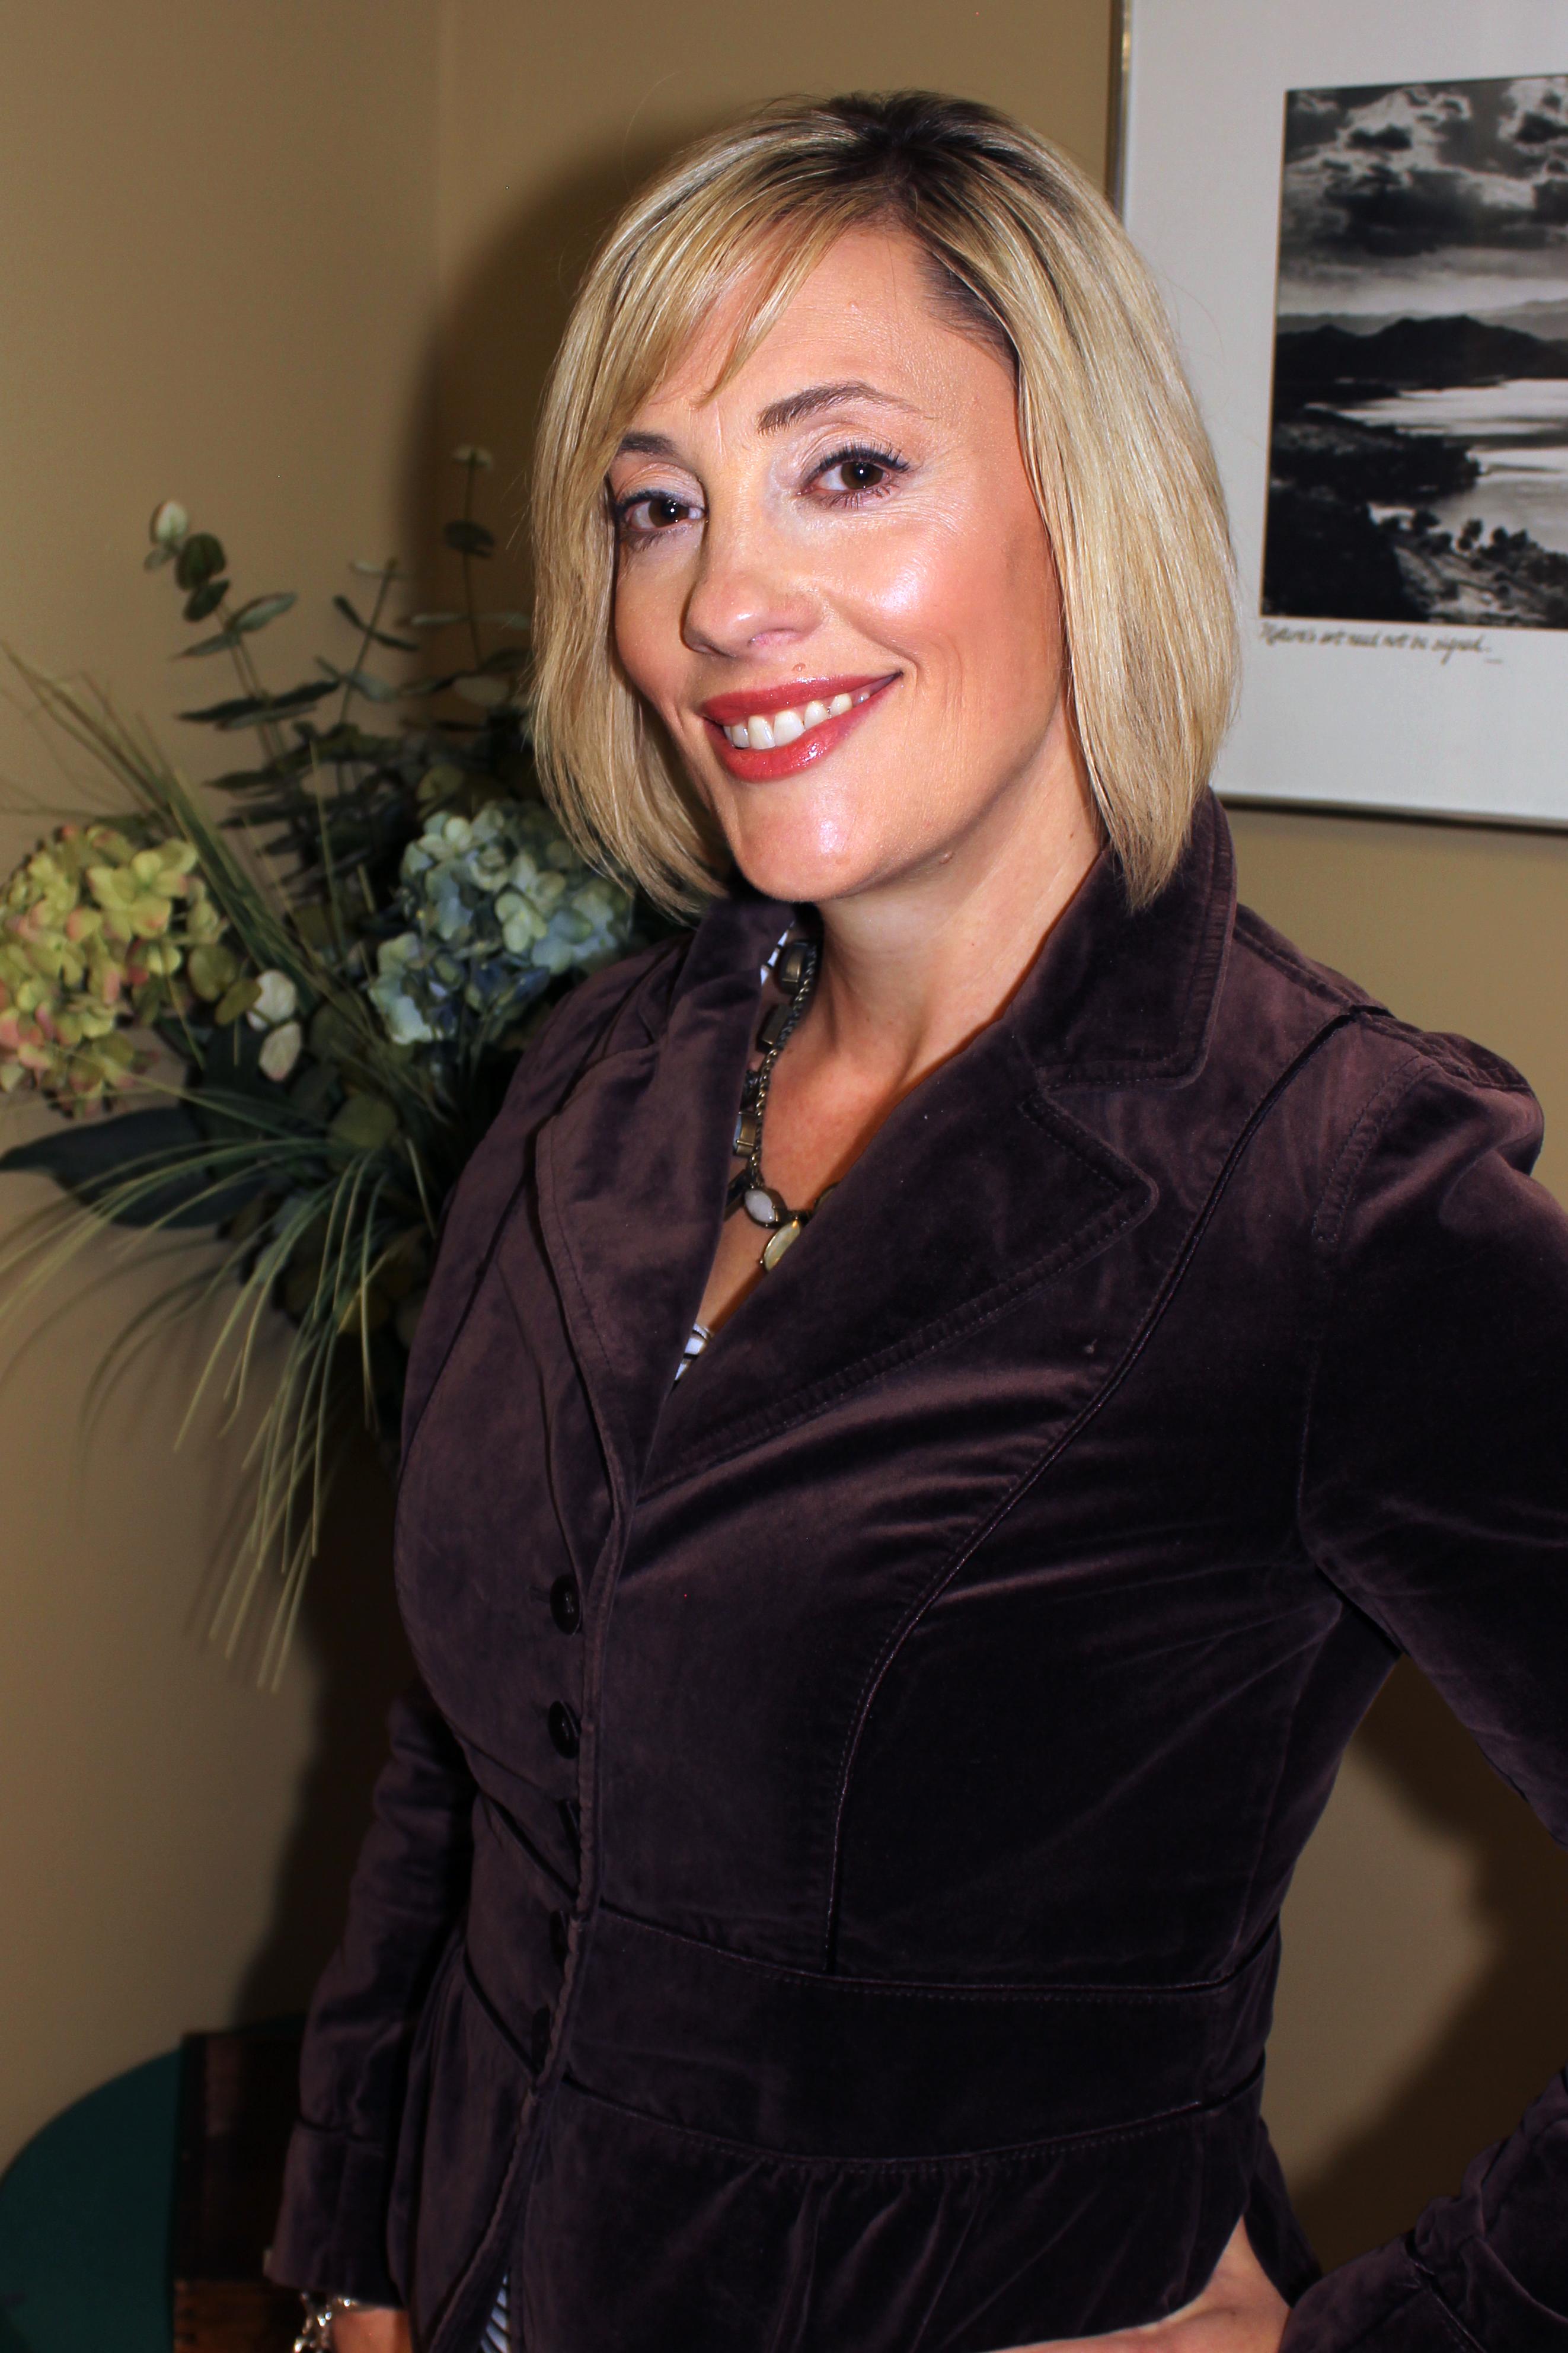 Amanda Settelmaier